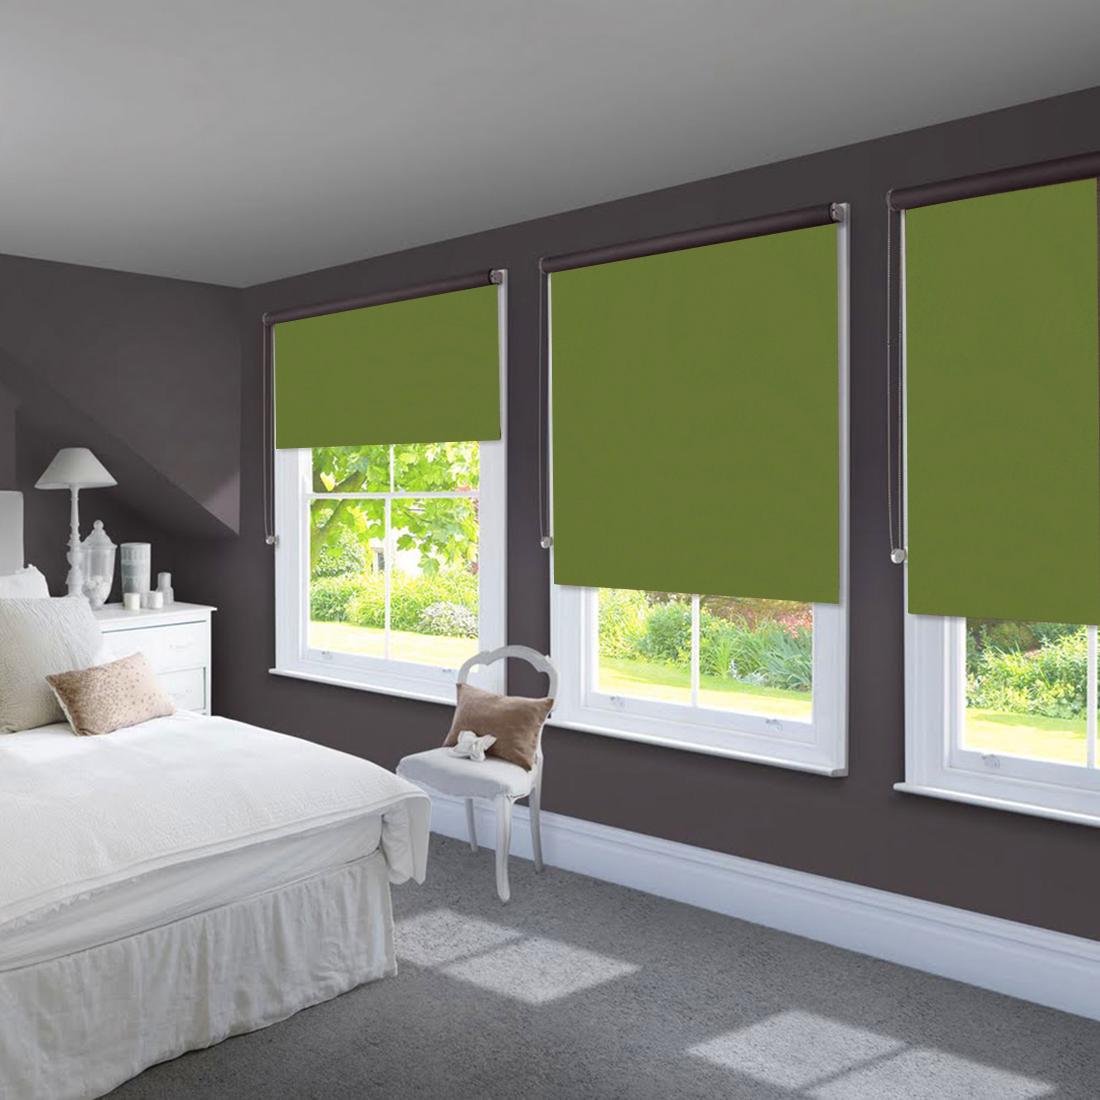 Шторы из бамбука - оригинальный современный аксессуар для создания необычного интерьера в восточном или минималистичном стиле. Особенность устройства полотна позволяет свободно пропускать дневной свет, что обеспечивает мягкое освещение комнаты. Это натуральный влагостойкий материал, который легко вписывается в любой интерьер, хорошо сочетается с различной мебелью и элементами отделки. Использование бамбукового полотна придает помещению необычный вид и визуально расширяет пространство.Кронштейны - специальные крючки-держатели, которые крепятся на поверхность, а на них крепится штора. Такой вид крепления обычно используется для рулонных, французских, римских или австрийских штор. Кронштейны держат конструкцию из вала (карниза), на котором находится полотно, и механизма подъема/опускания шторы.